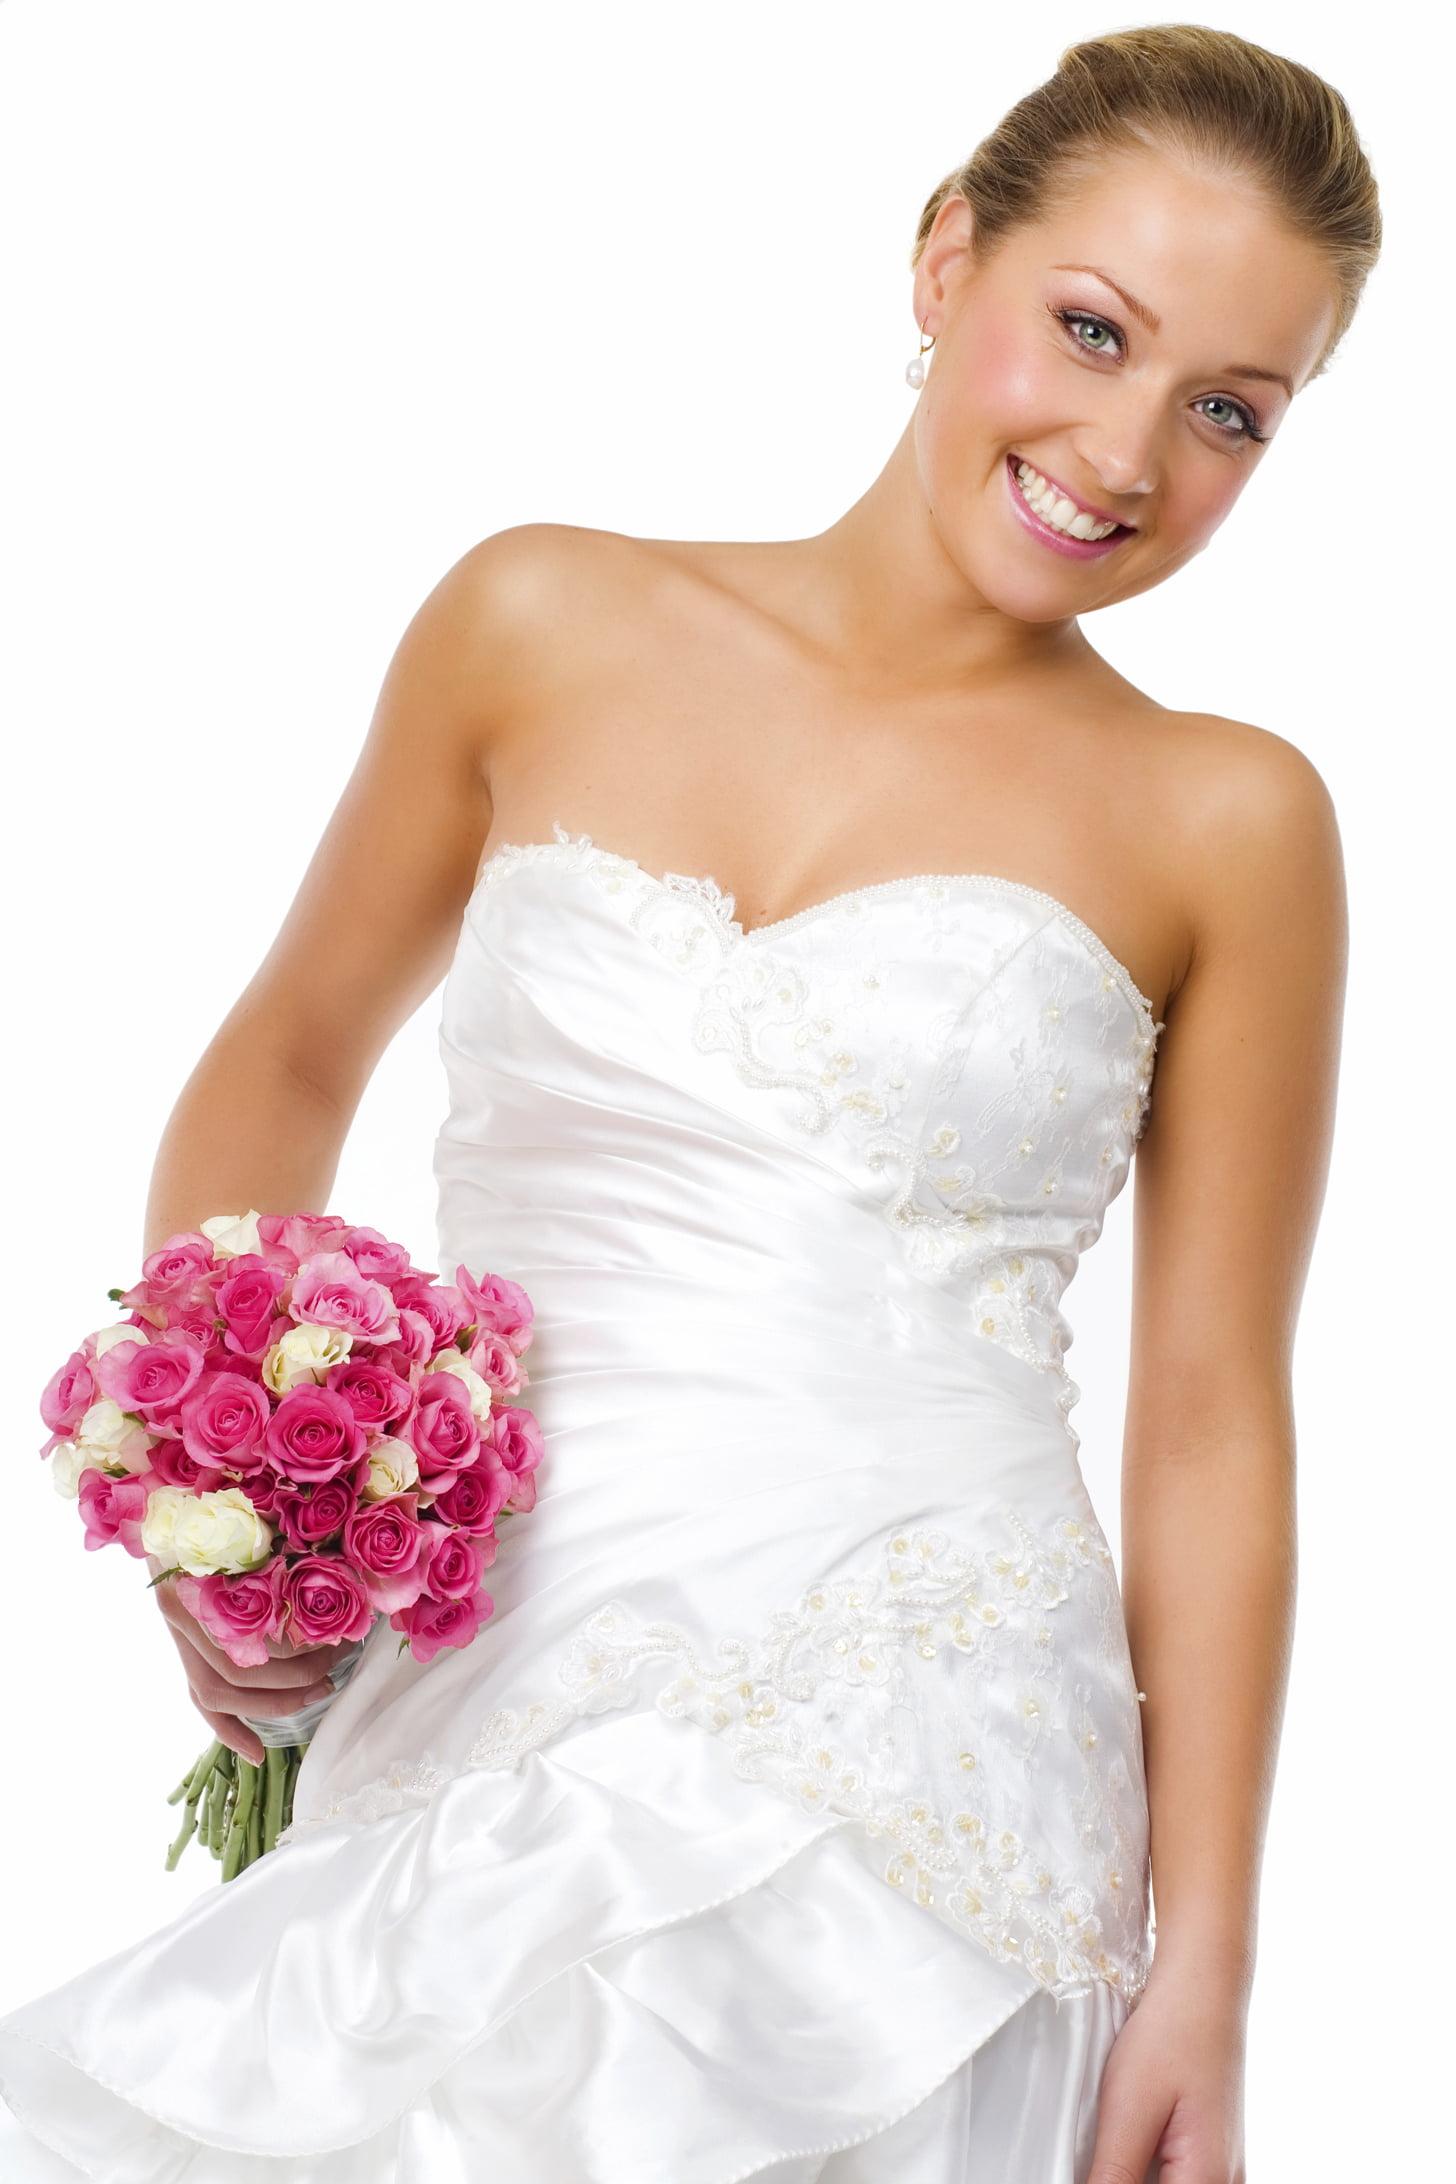 Hy Bride